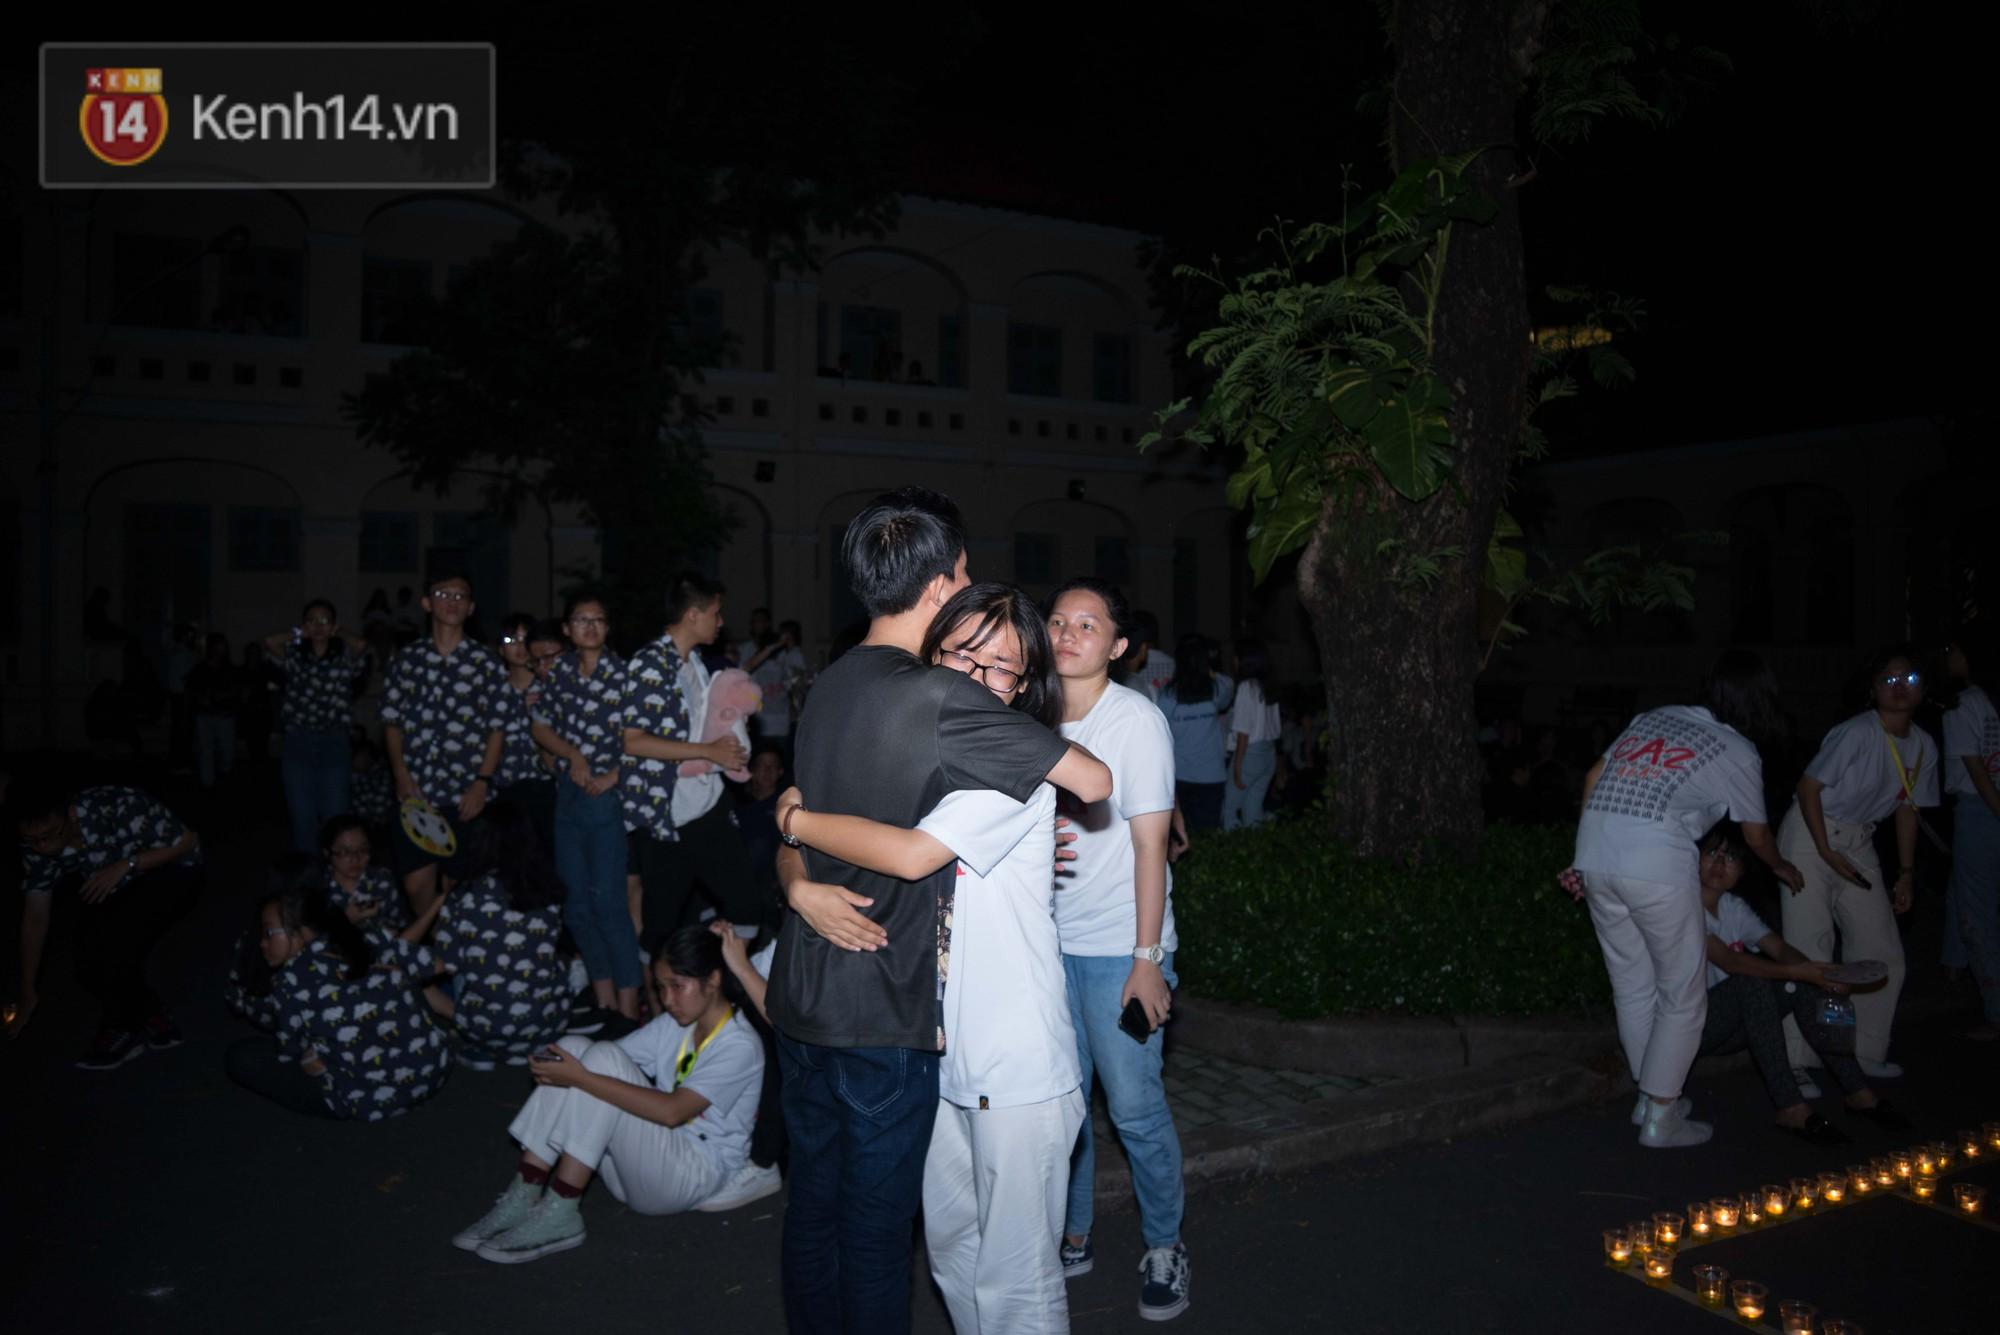 Đêm ra trường chuyên Lê Hồng Phong: Còn hơn những giọt nước mắt chính là cùng cười, cùng vui bên nhau đêm cuối - Ảnh 11.